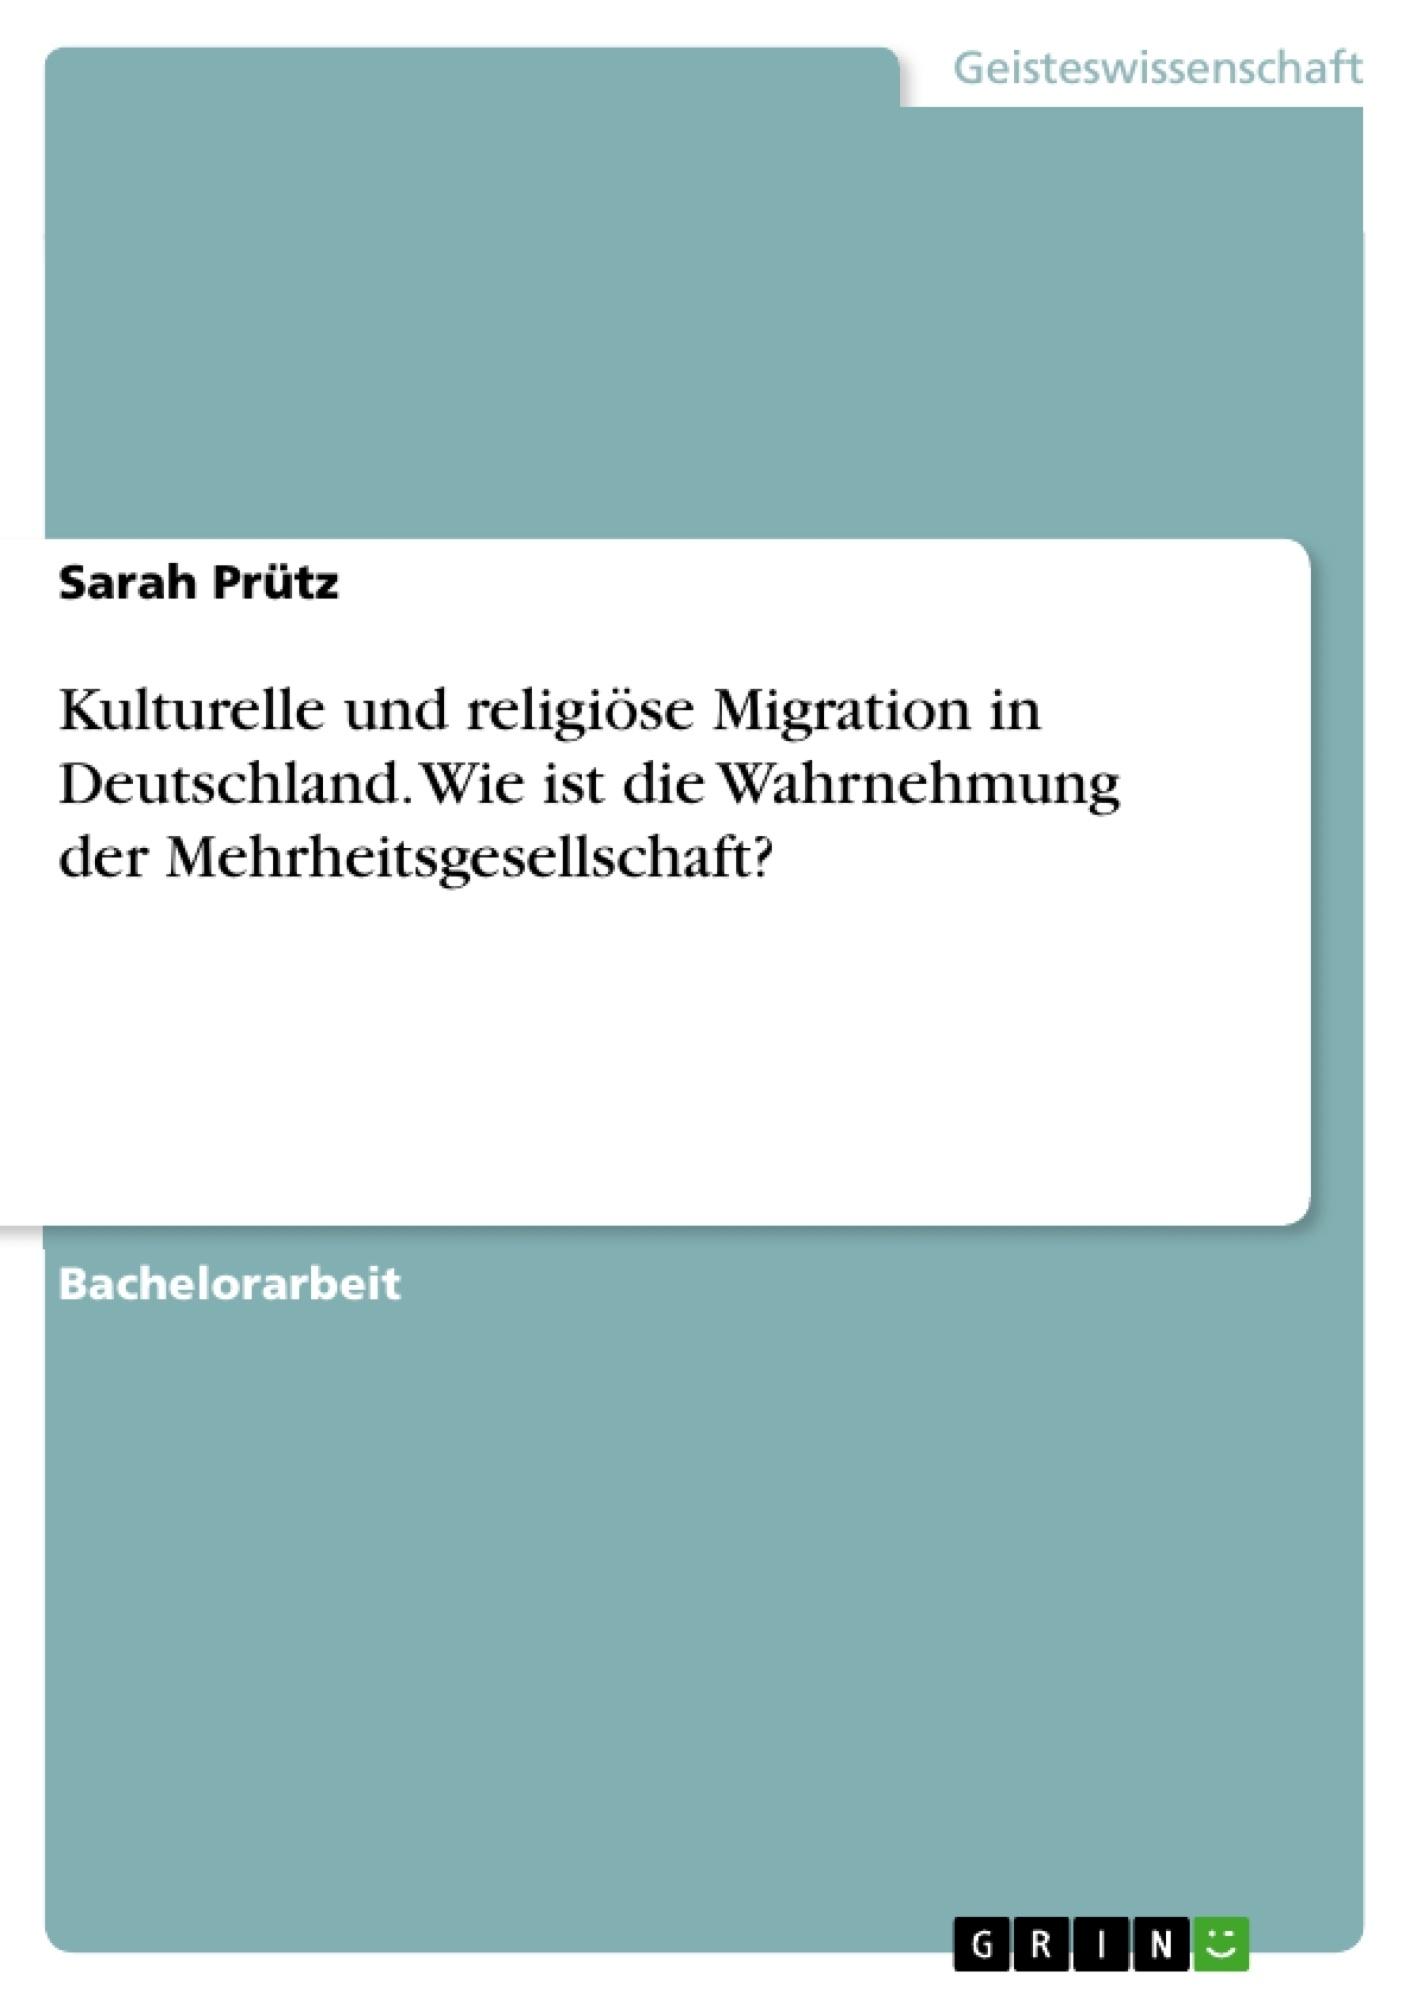 Titel: Kulturelle und religiöse Migration in Deutschland. Wie ist die Wahrnehmung der Mehrheitsgesellschaft?